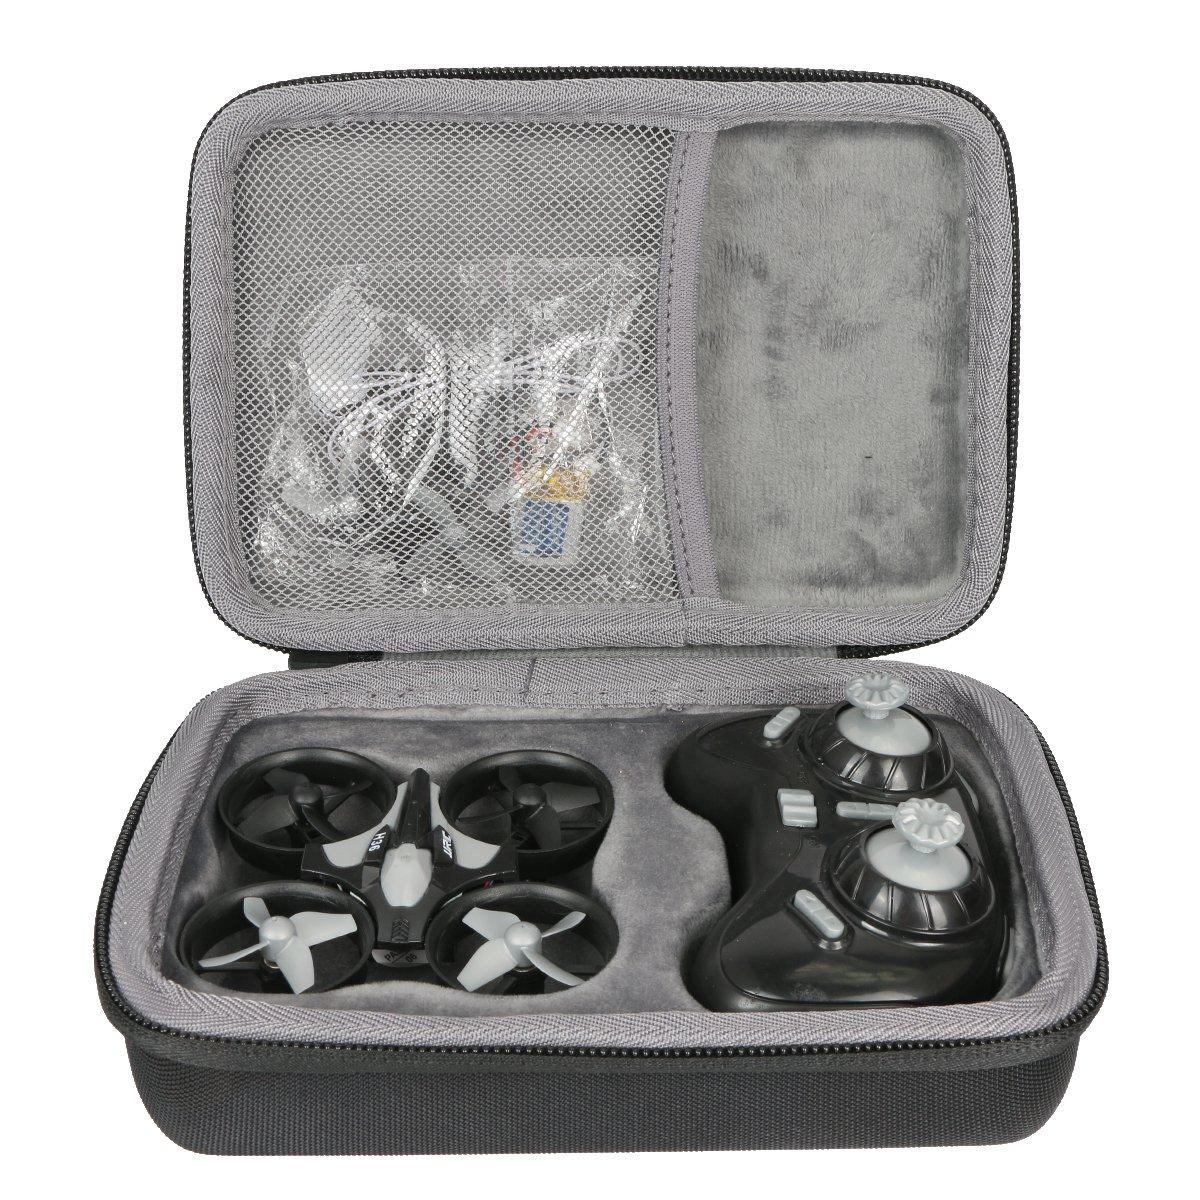 co2crea Hard Travel Case for EACHINE E010 Mini Quadcopter 2.4GHz 6-Axis Gyro Remote Control Nano Drone by Co2Crea (Image #1)